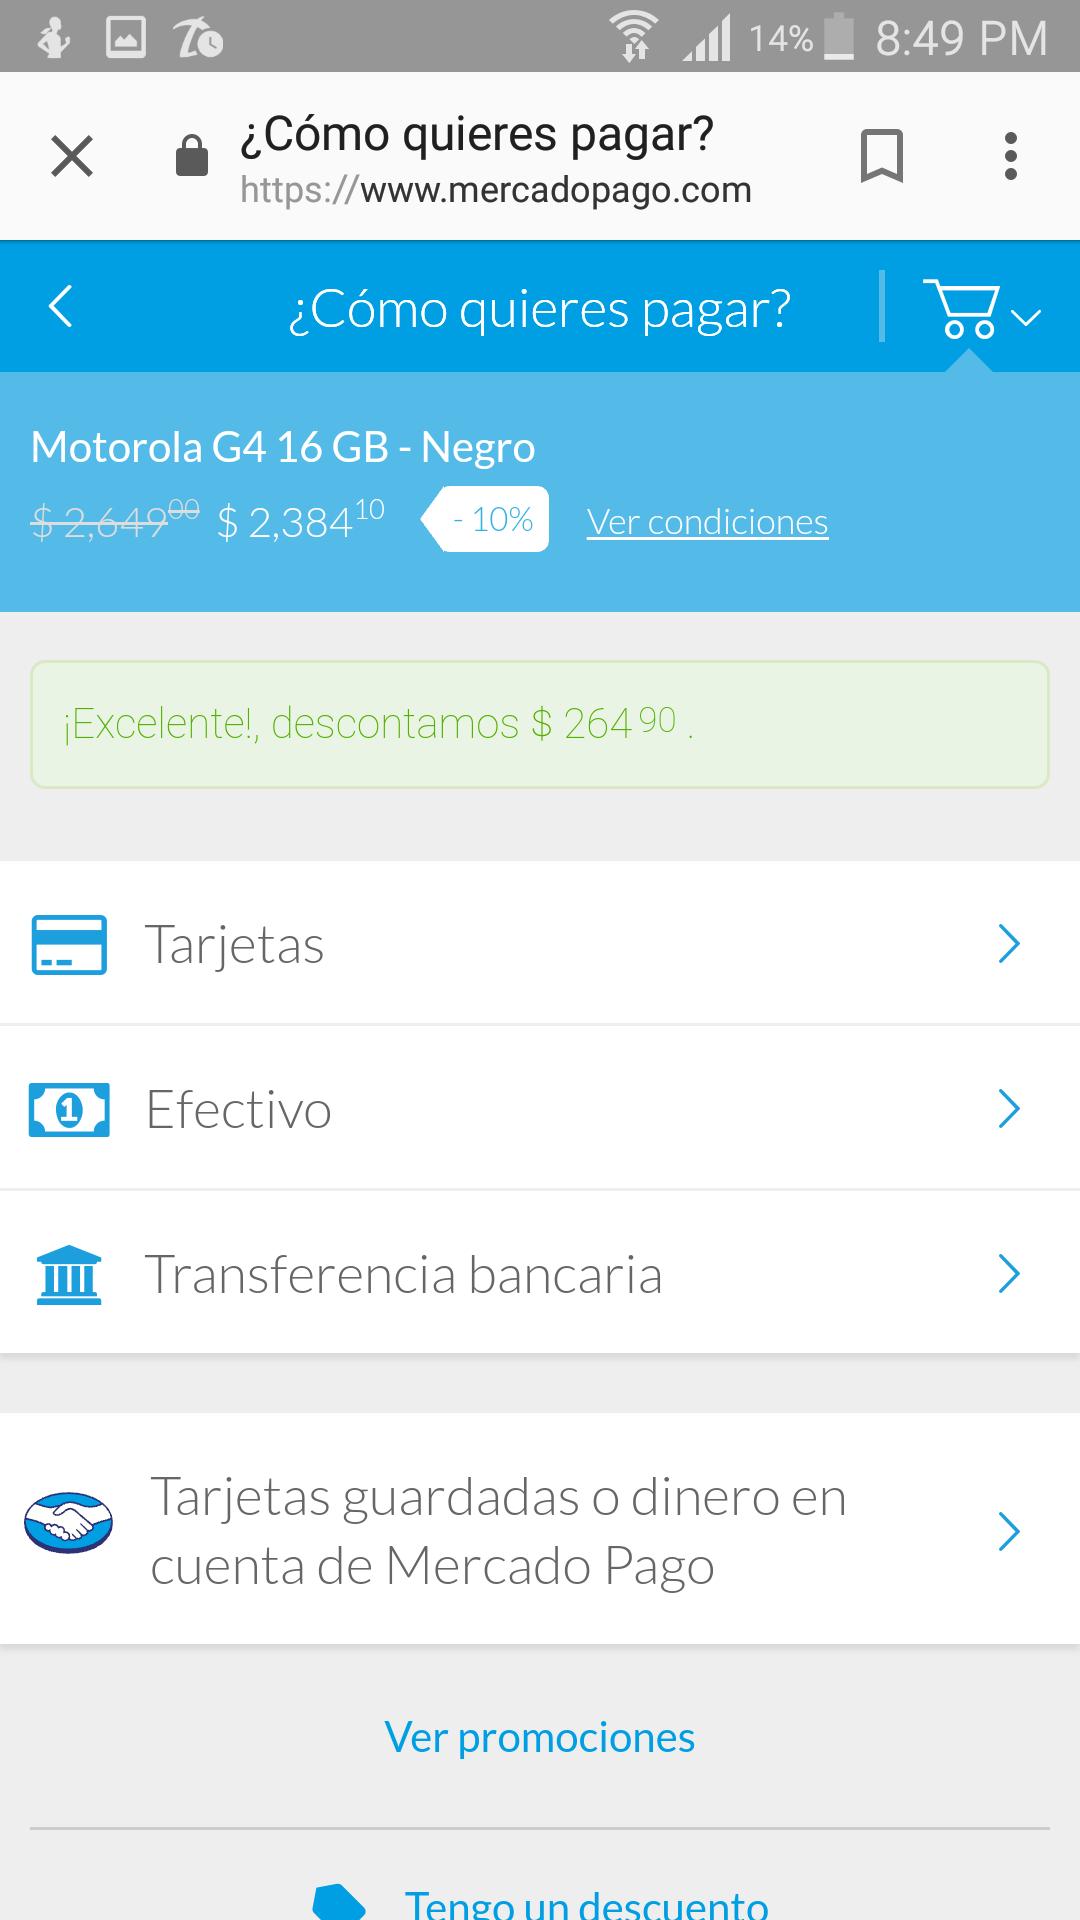 Elektra:Moto g4 16gb cupon y mercadopago